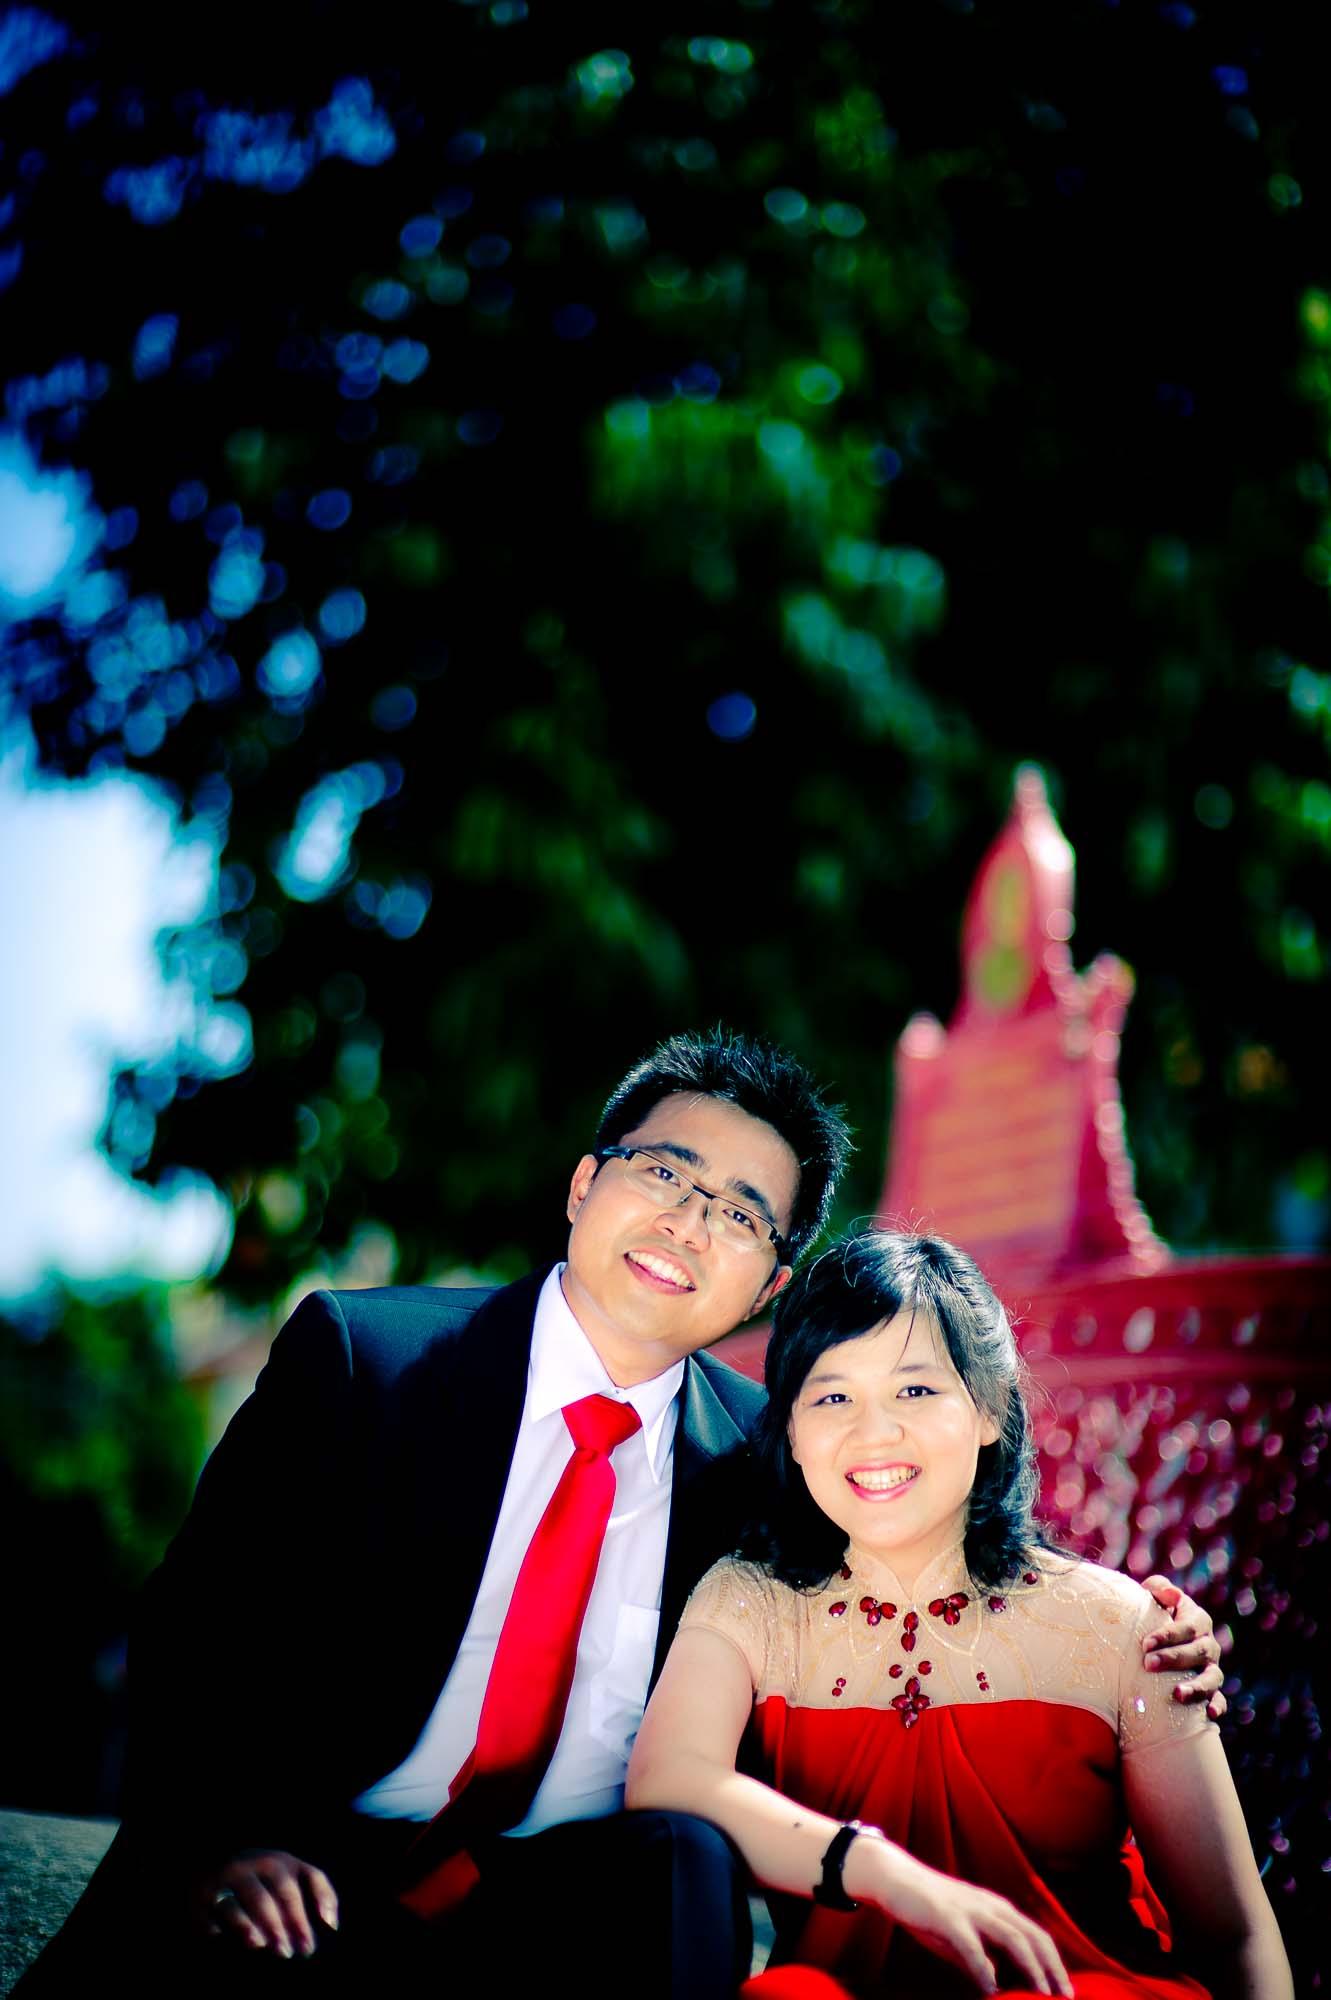 Thailand Bangkok Marble Temple (Wat Benchamabophit) Wedding Photography | NET-Photography Thailand Wedding Photographer